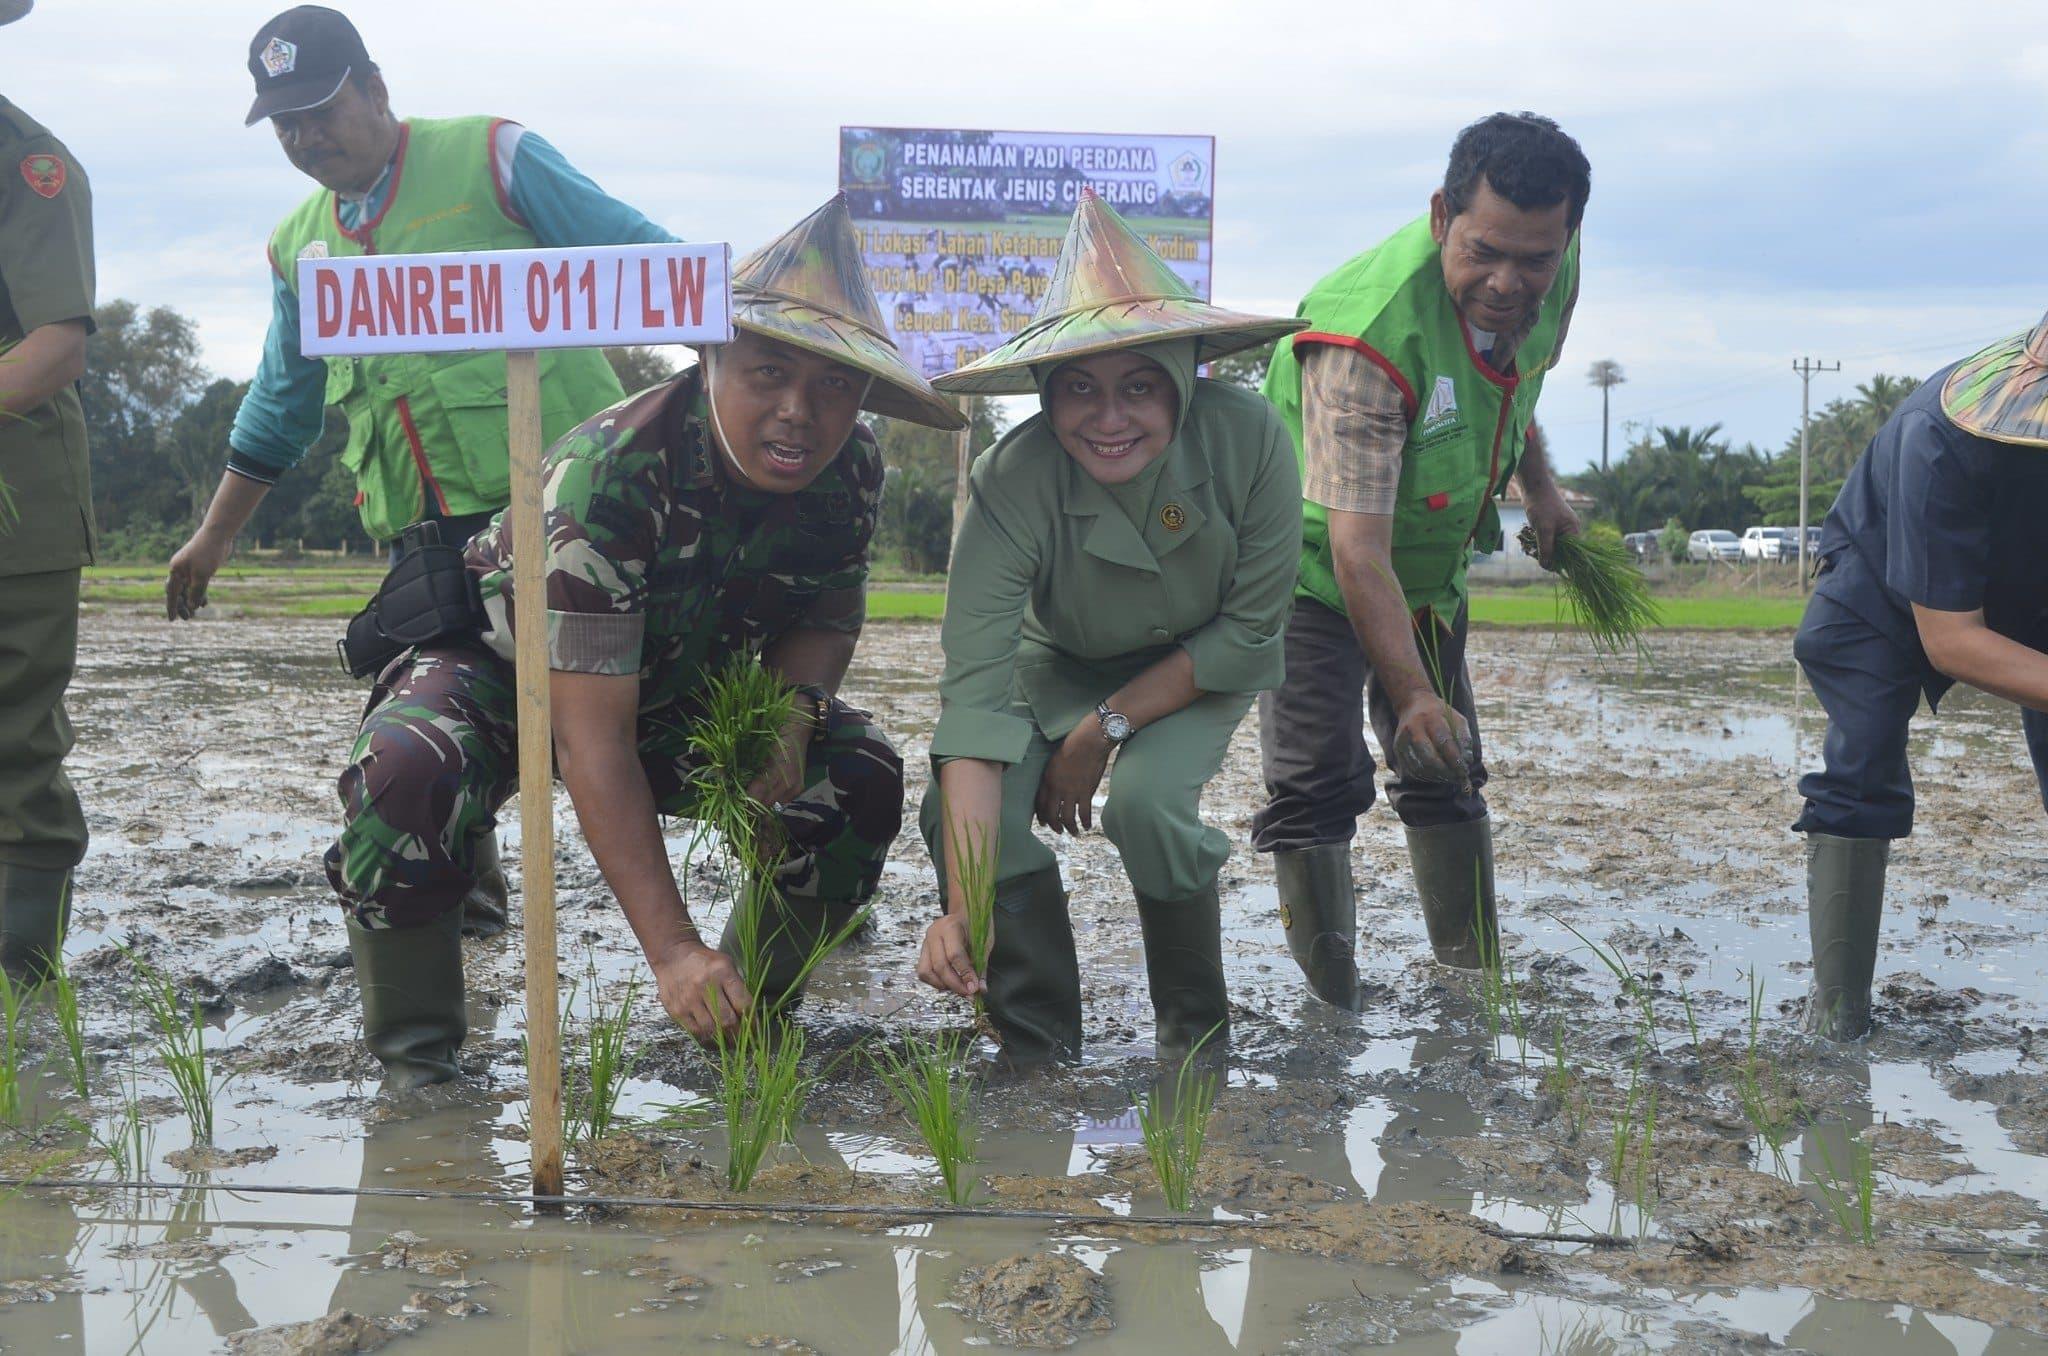 Danrem 011/LW Tanam Padi Bersama Masyarakat Aceh Utara